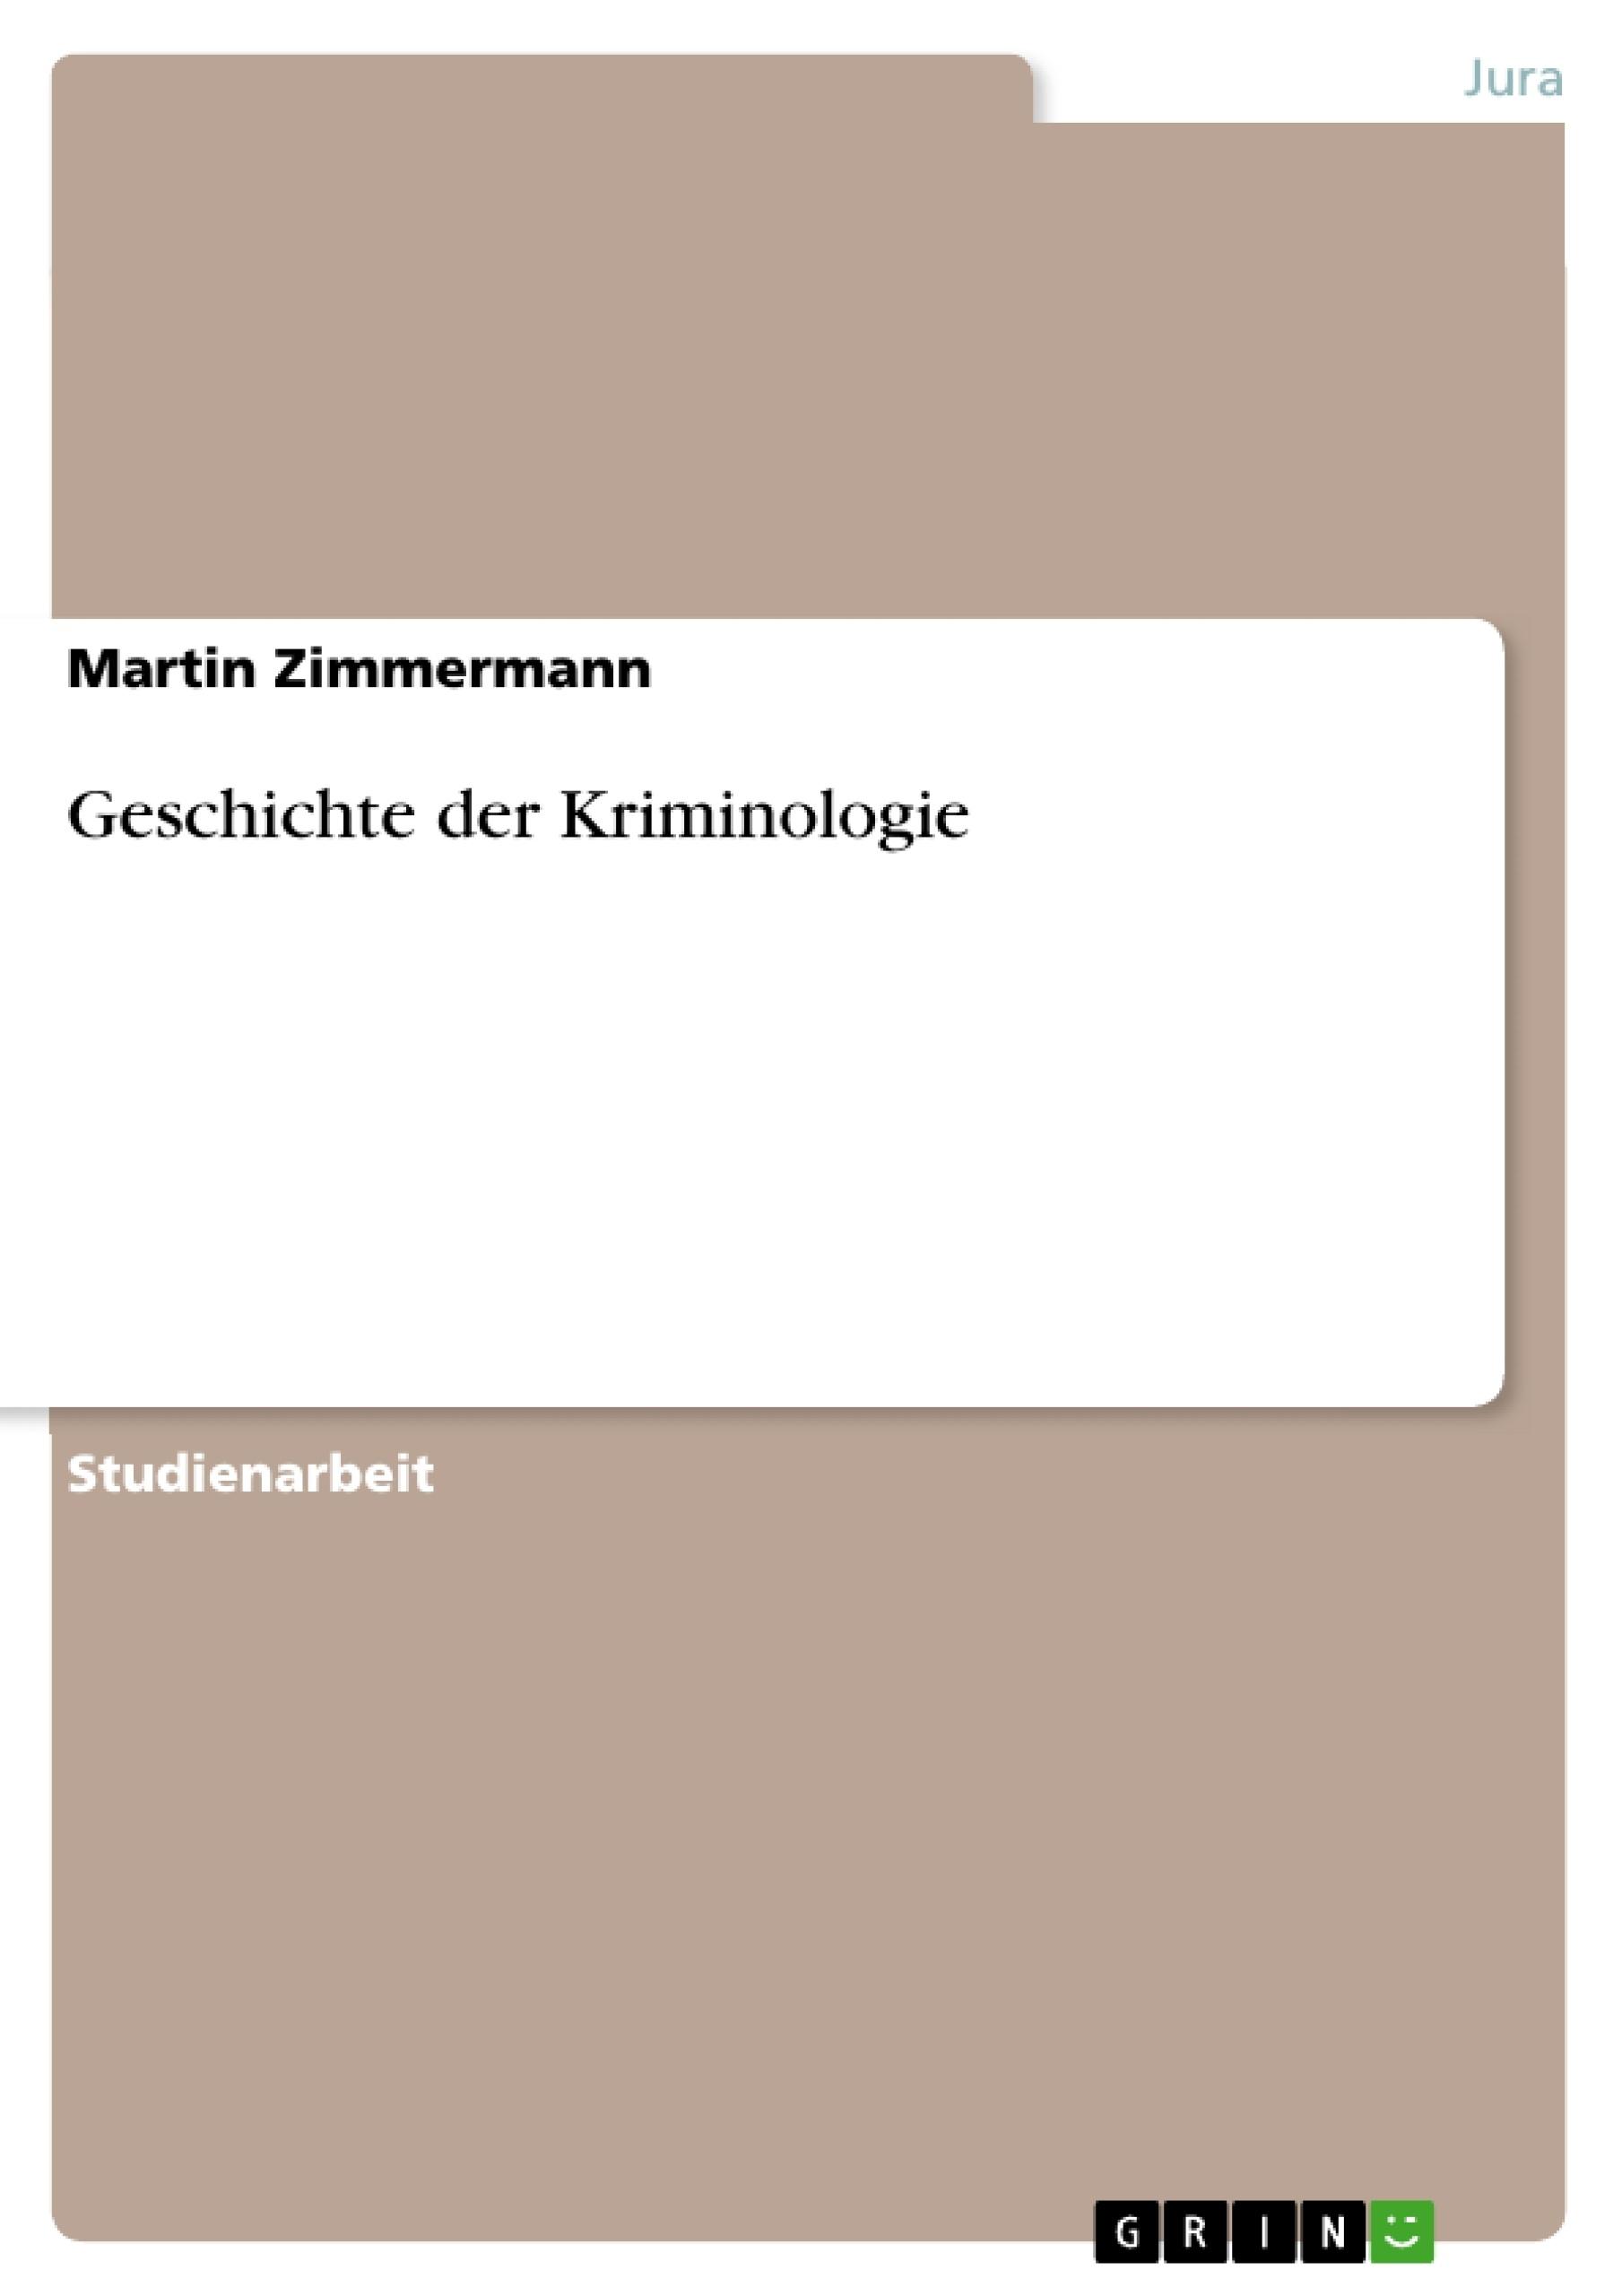 Titel: Geschichte der Kriminologie